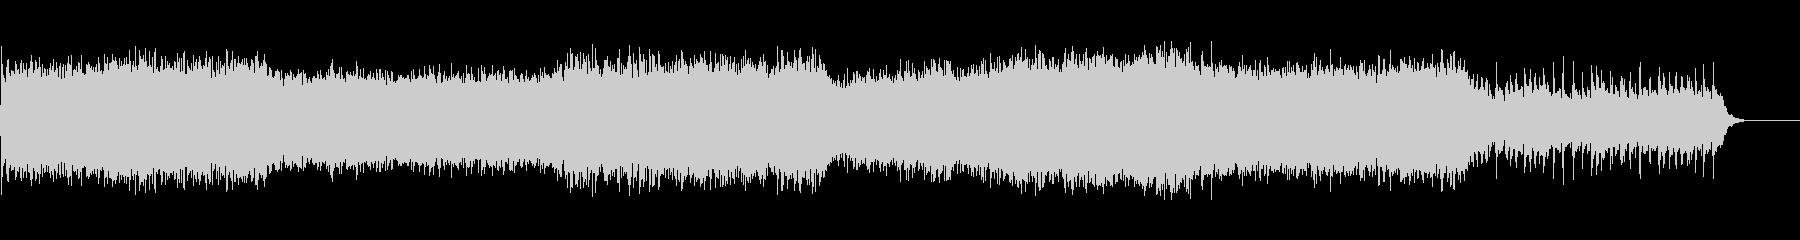 ブルックグリーン組曲より第一楽章前奏曲の未再生の波形